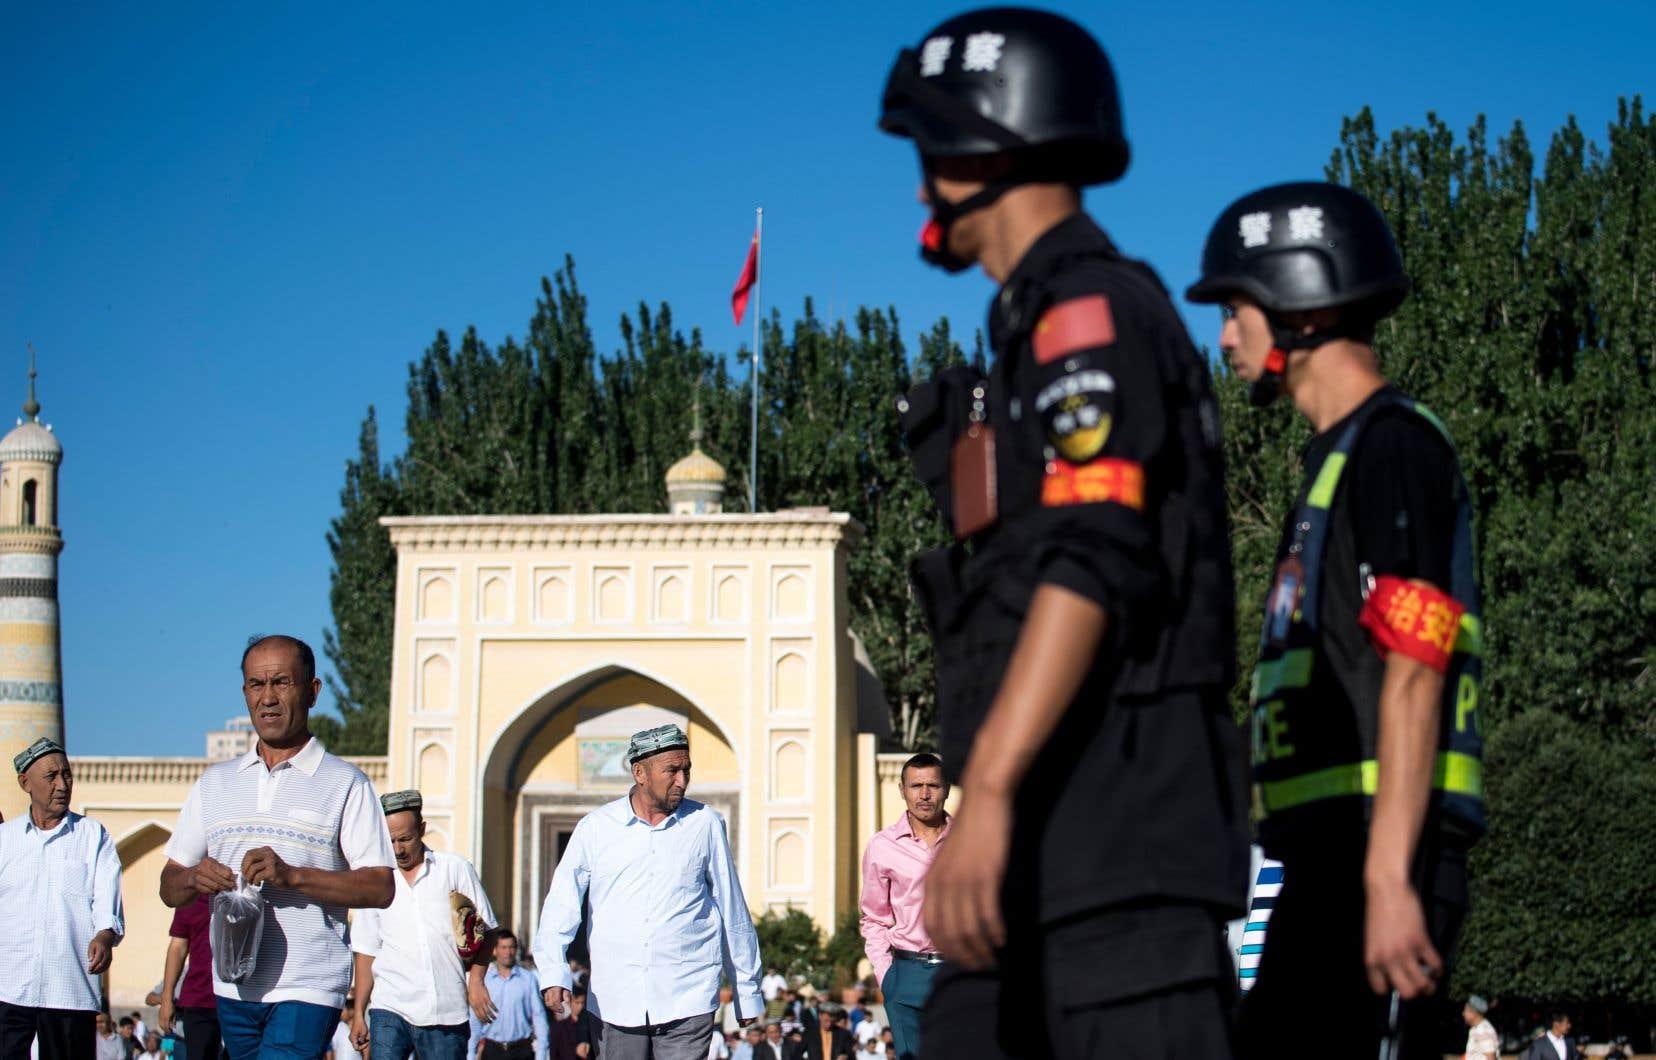 Le Parti communiste chinois s'oppose à toute structure qui pourrait constituer un contre-pouvoir. Les organisations religieuses sont étroitement surveillées.